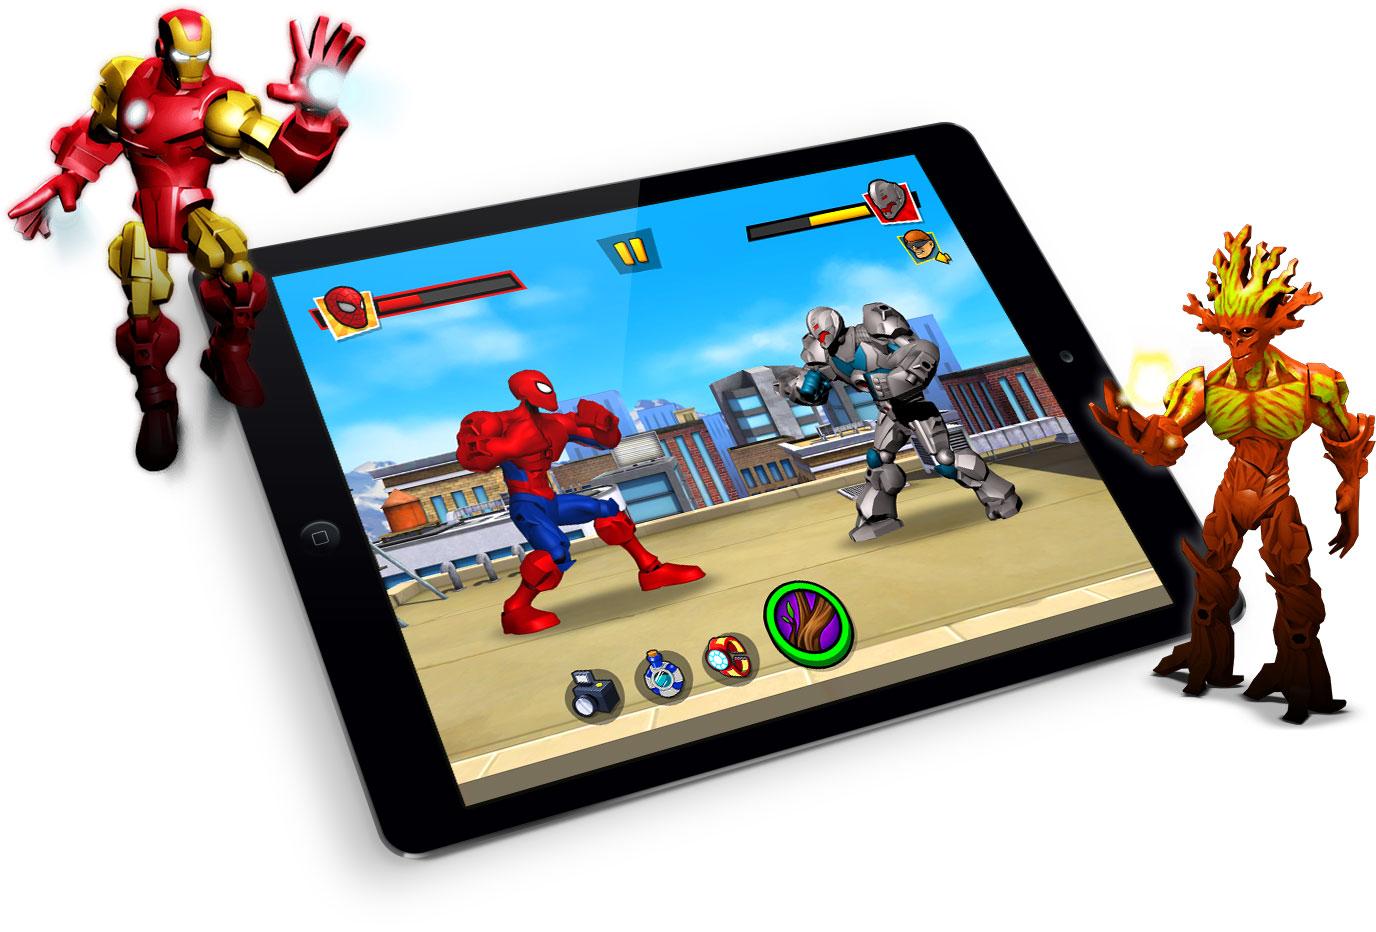 mix smash marvel super hero mashers mobile game bkom studios. Black Bedroom Furniture Sets. Home Design Ideas